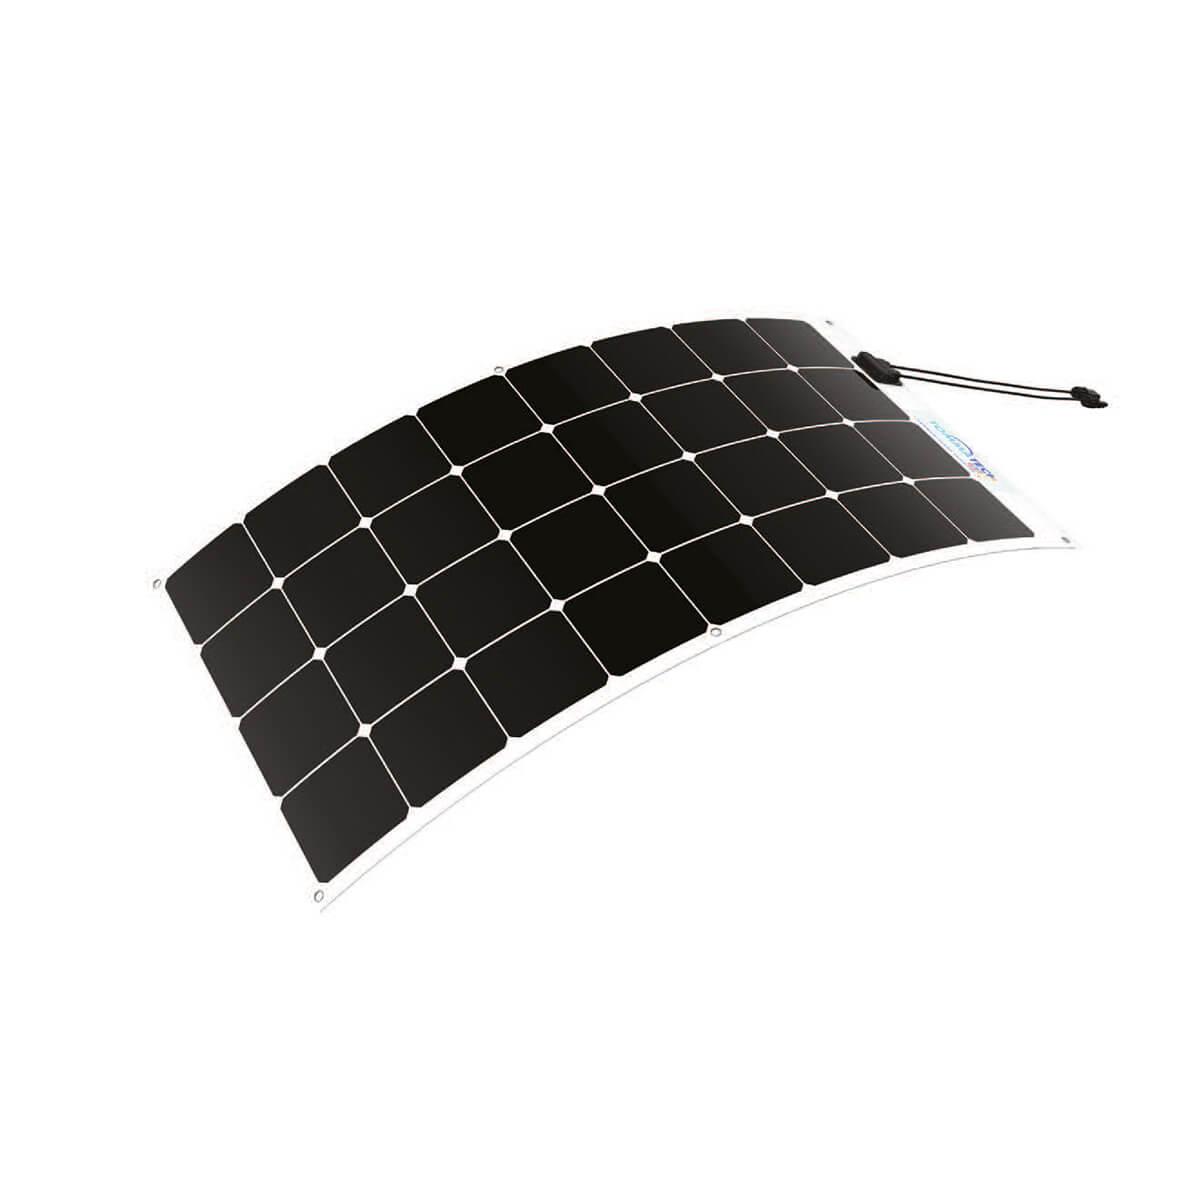 tommatech 110W panel, tommatech 110Watt esnek gunes paneli, tommatech 110 W panel, tommatech 110 Watt panel, tommatech 110 Watt esnek gunes paneli, tommatech 110 W watt gunes paneli, tommatech 110 W watt esnek gunes paneli, tommatech 110 W Watt fotovoltaik esnek gunes paneli, tommatech 110W esnek gunes enerjisi, tommatech TT-FLEX-110W esnek gunes paneli, TOMMATECH 110 WATT